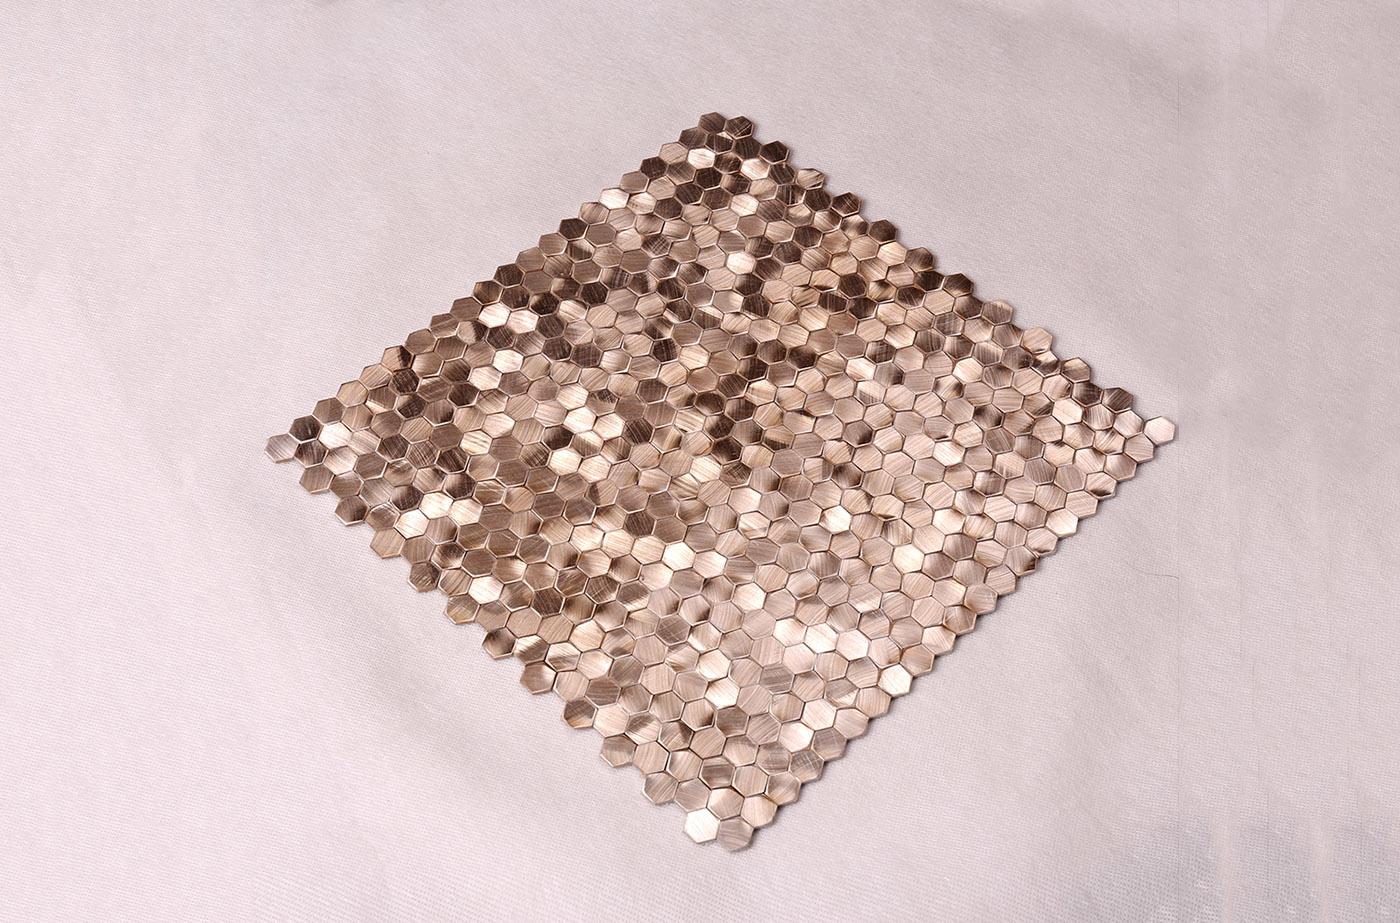 Heng Xing-Metallic Kitchen Tiles, Rose Gold Hexagon Stainless Steel Mosaic